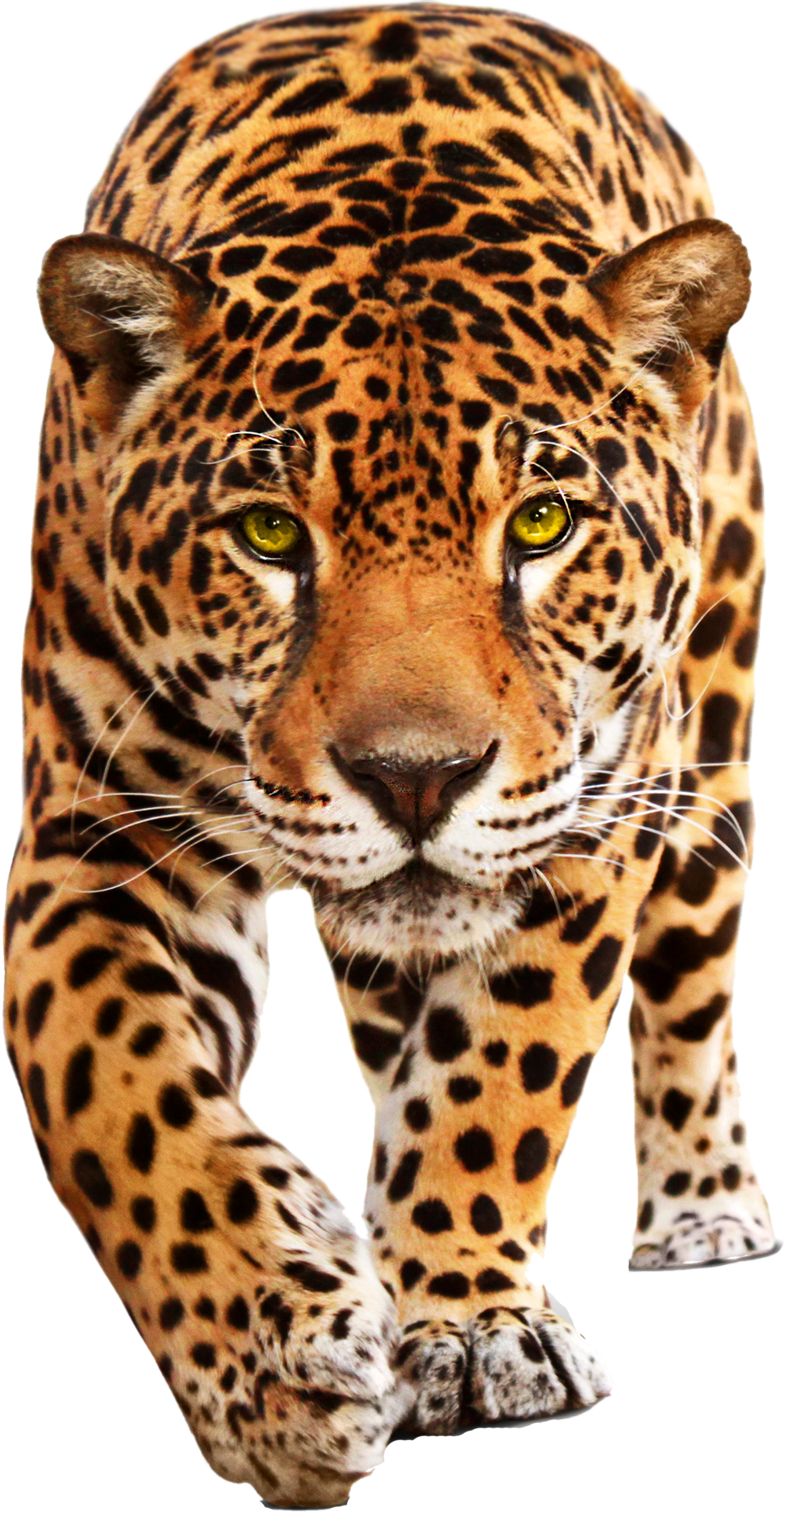 Leopard PNG - 6333